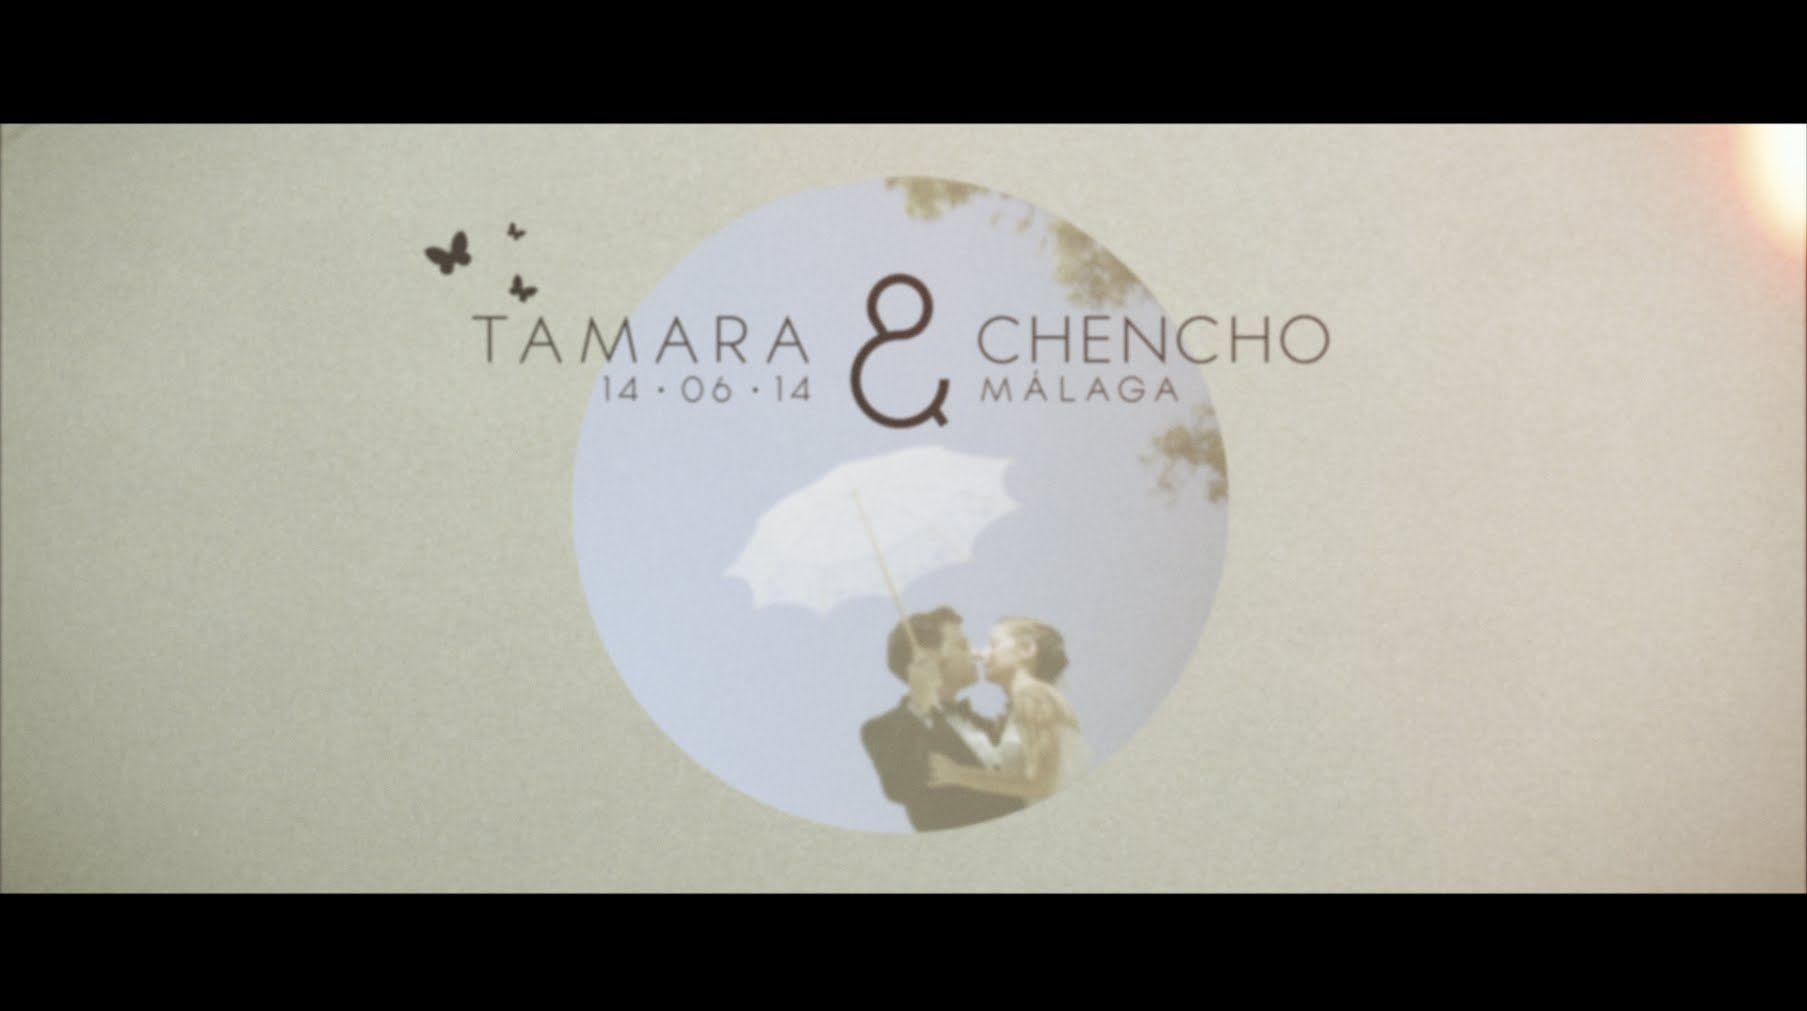 Tamara & Chencho: Highlights